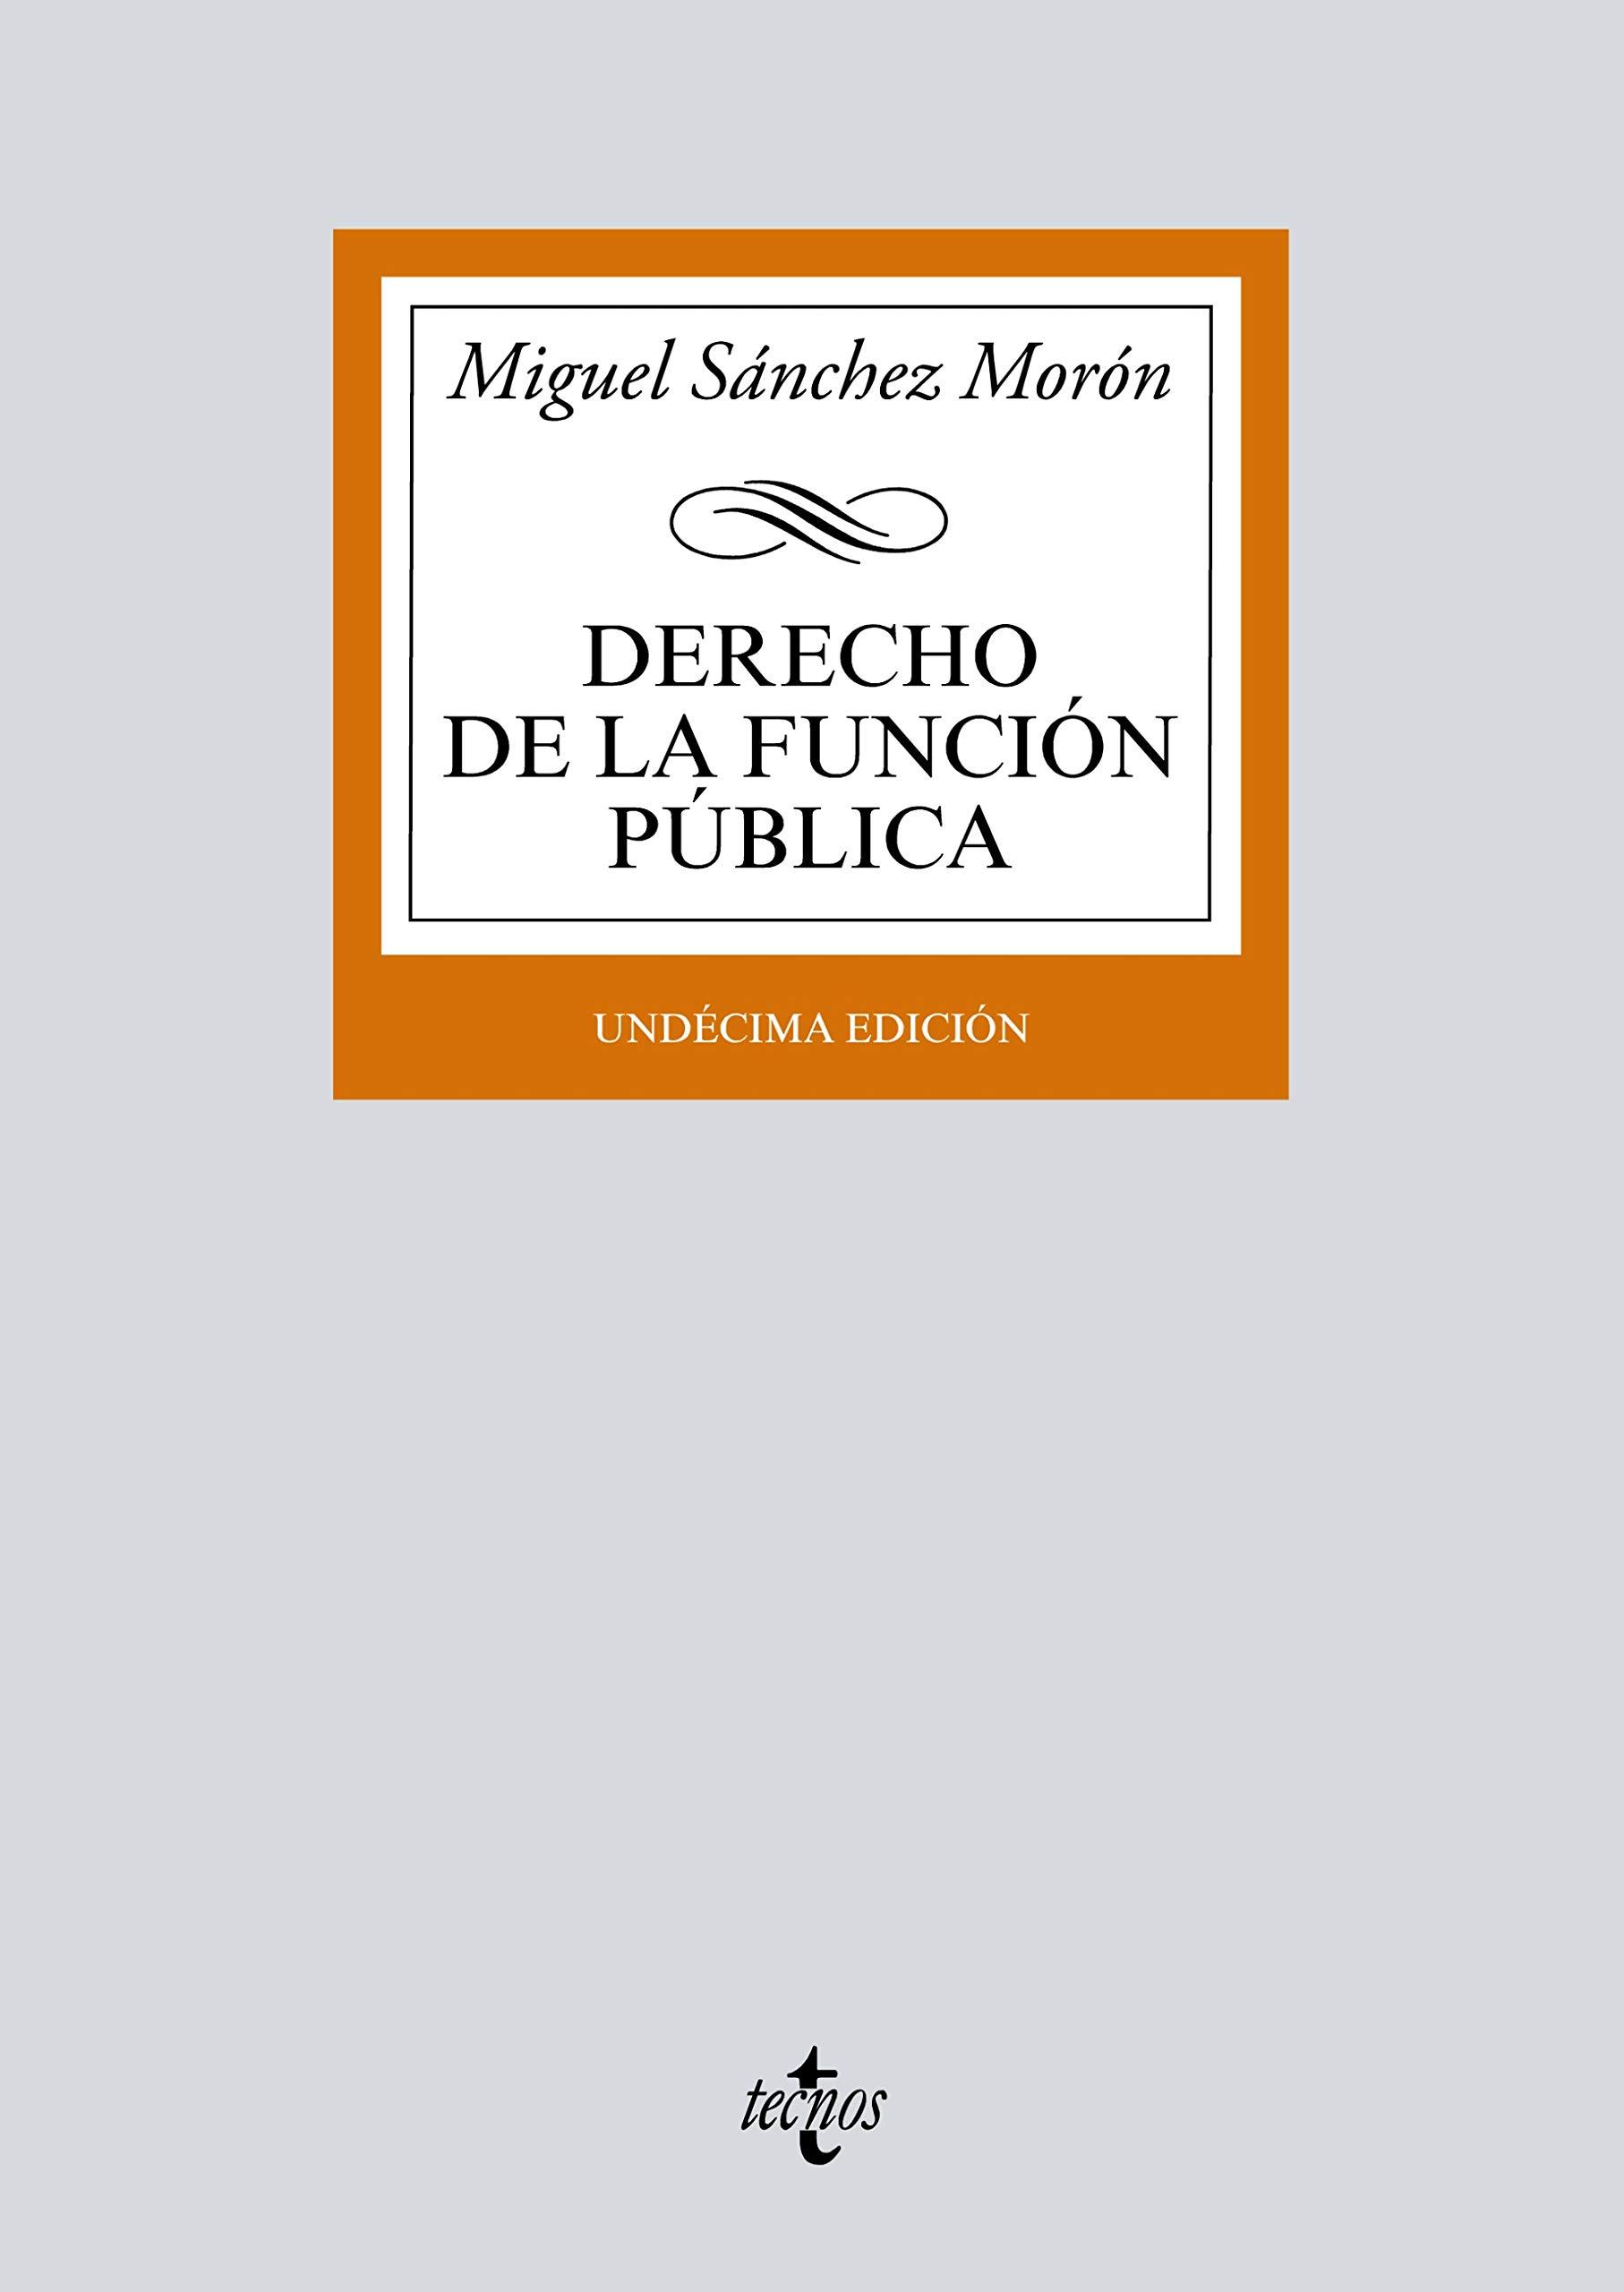 Derecho de la función pública (Biblioteca Universitaria de Editorial Tecnos - dig) por Miguel Sánchez Morón